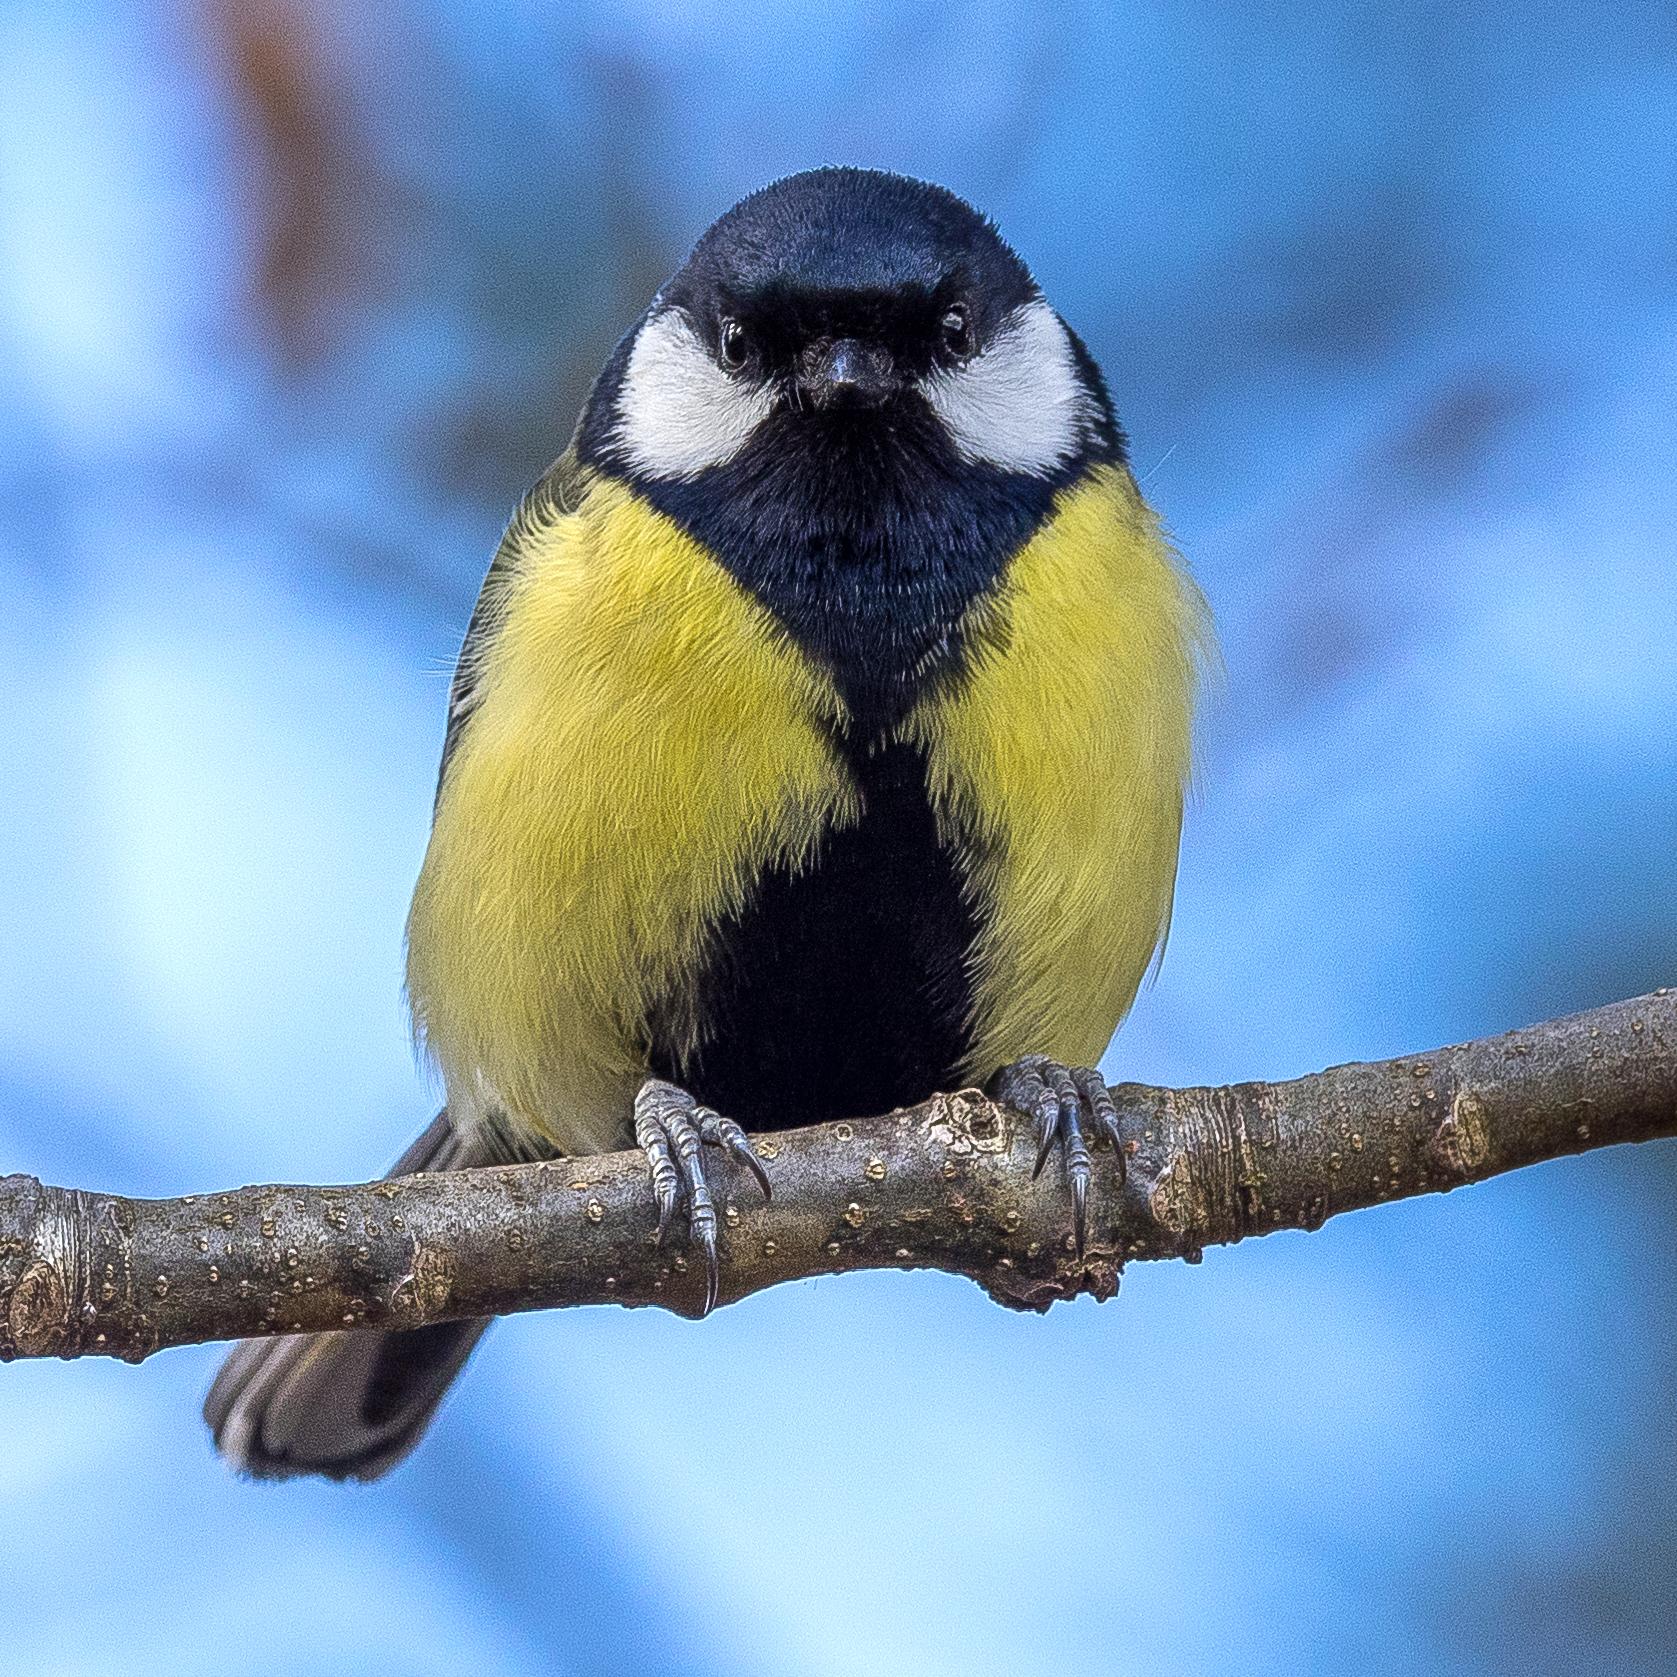 Birds_of_Sweden_2016_37.jpg